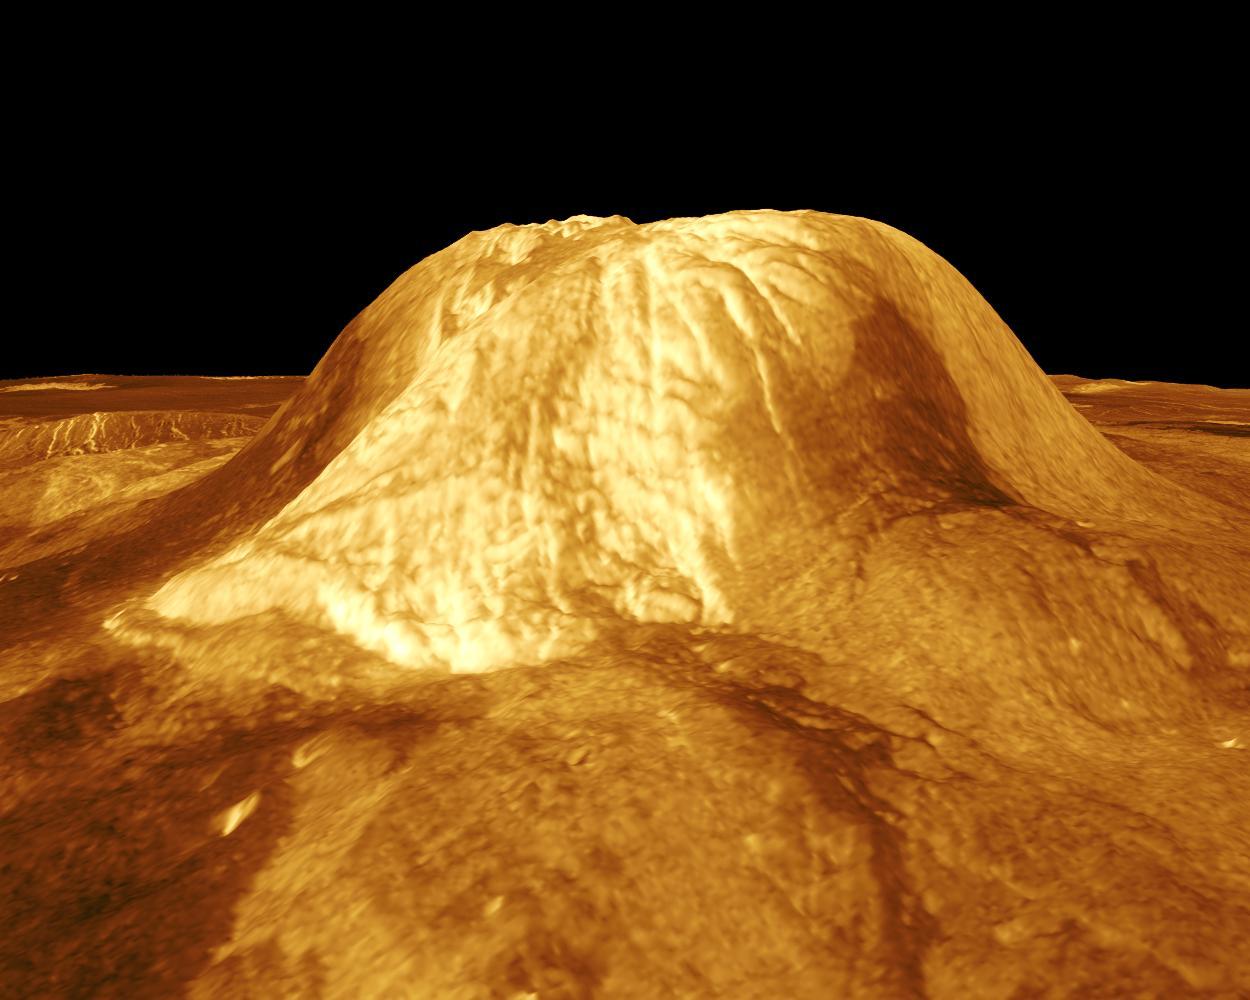 Гула Монс - вулкан на Венере, это 3 километра высотой и расположена примерно в 22-м градусе северной широты, 359 градусов восточной долготы.